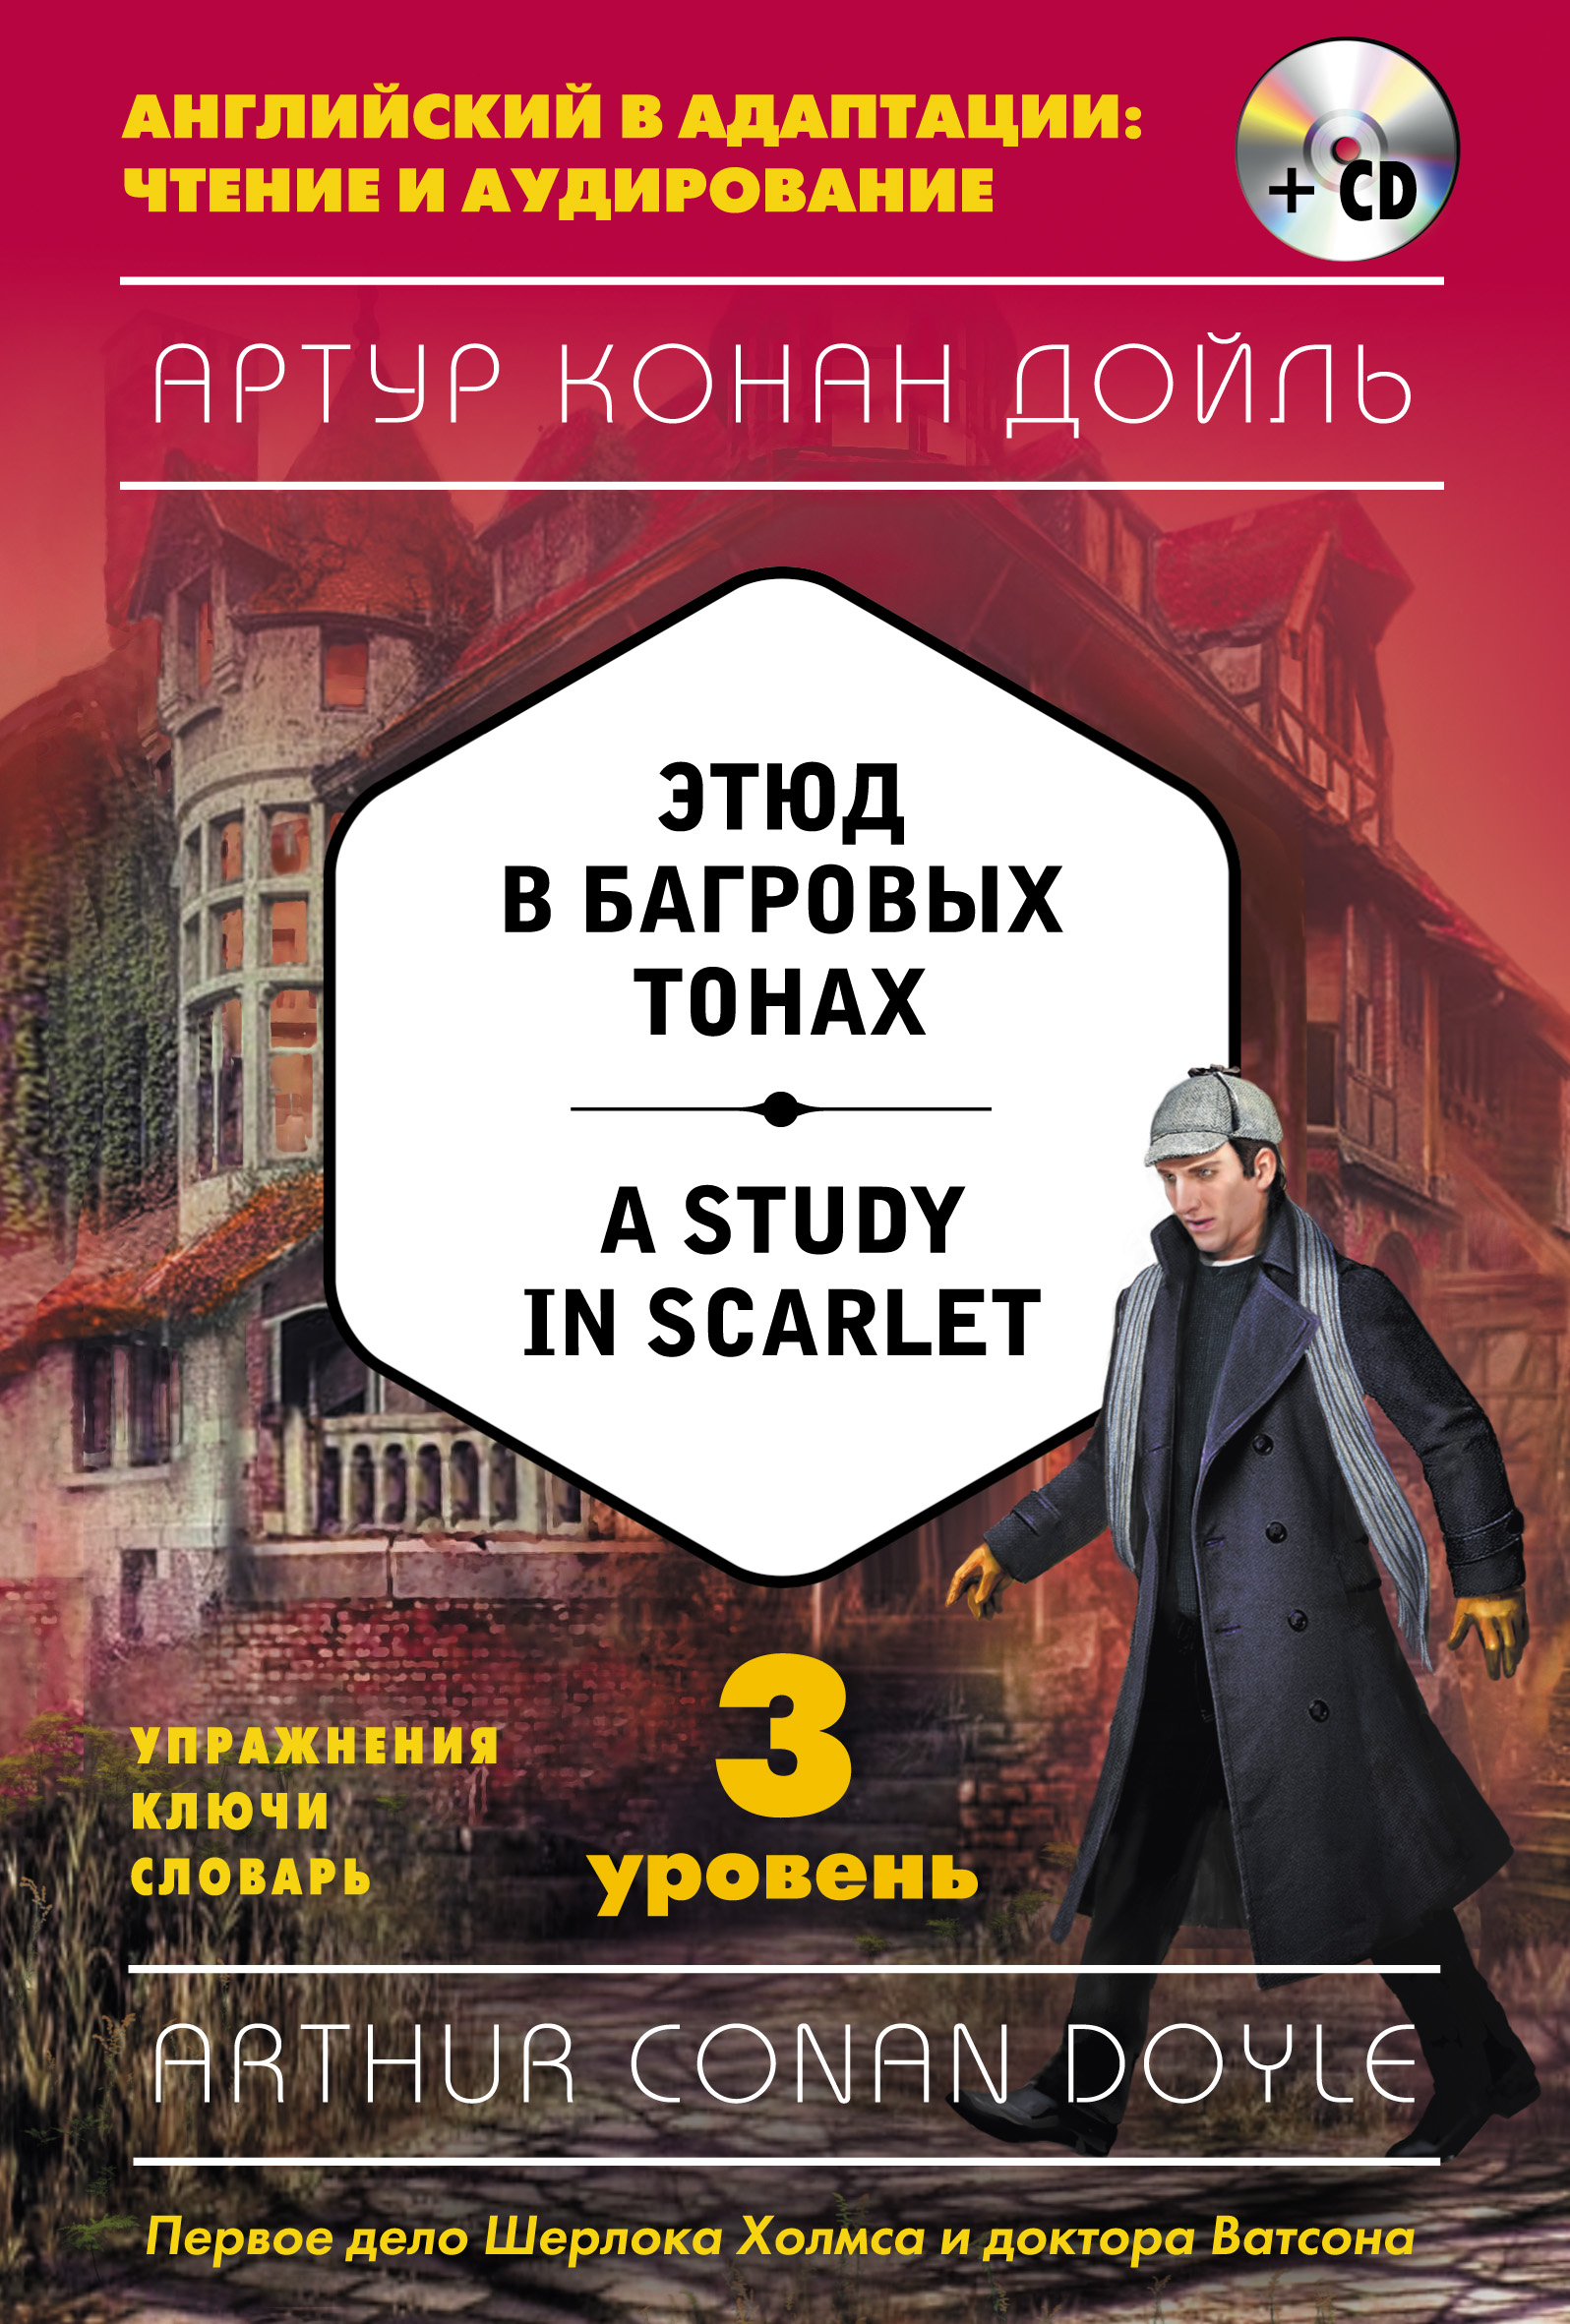 etyud v bagrovykh tonakh a study in scarlet 3 uroven mp3